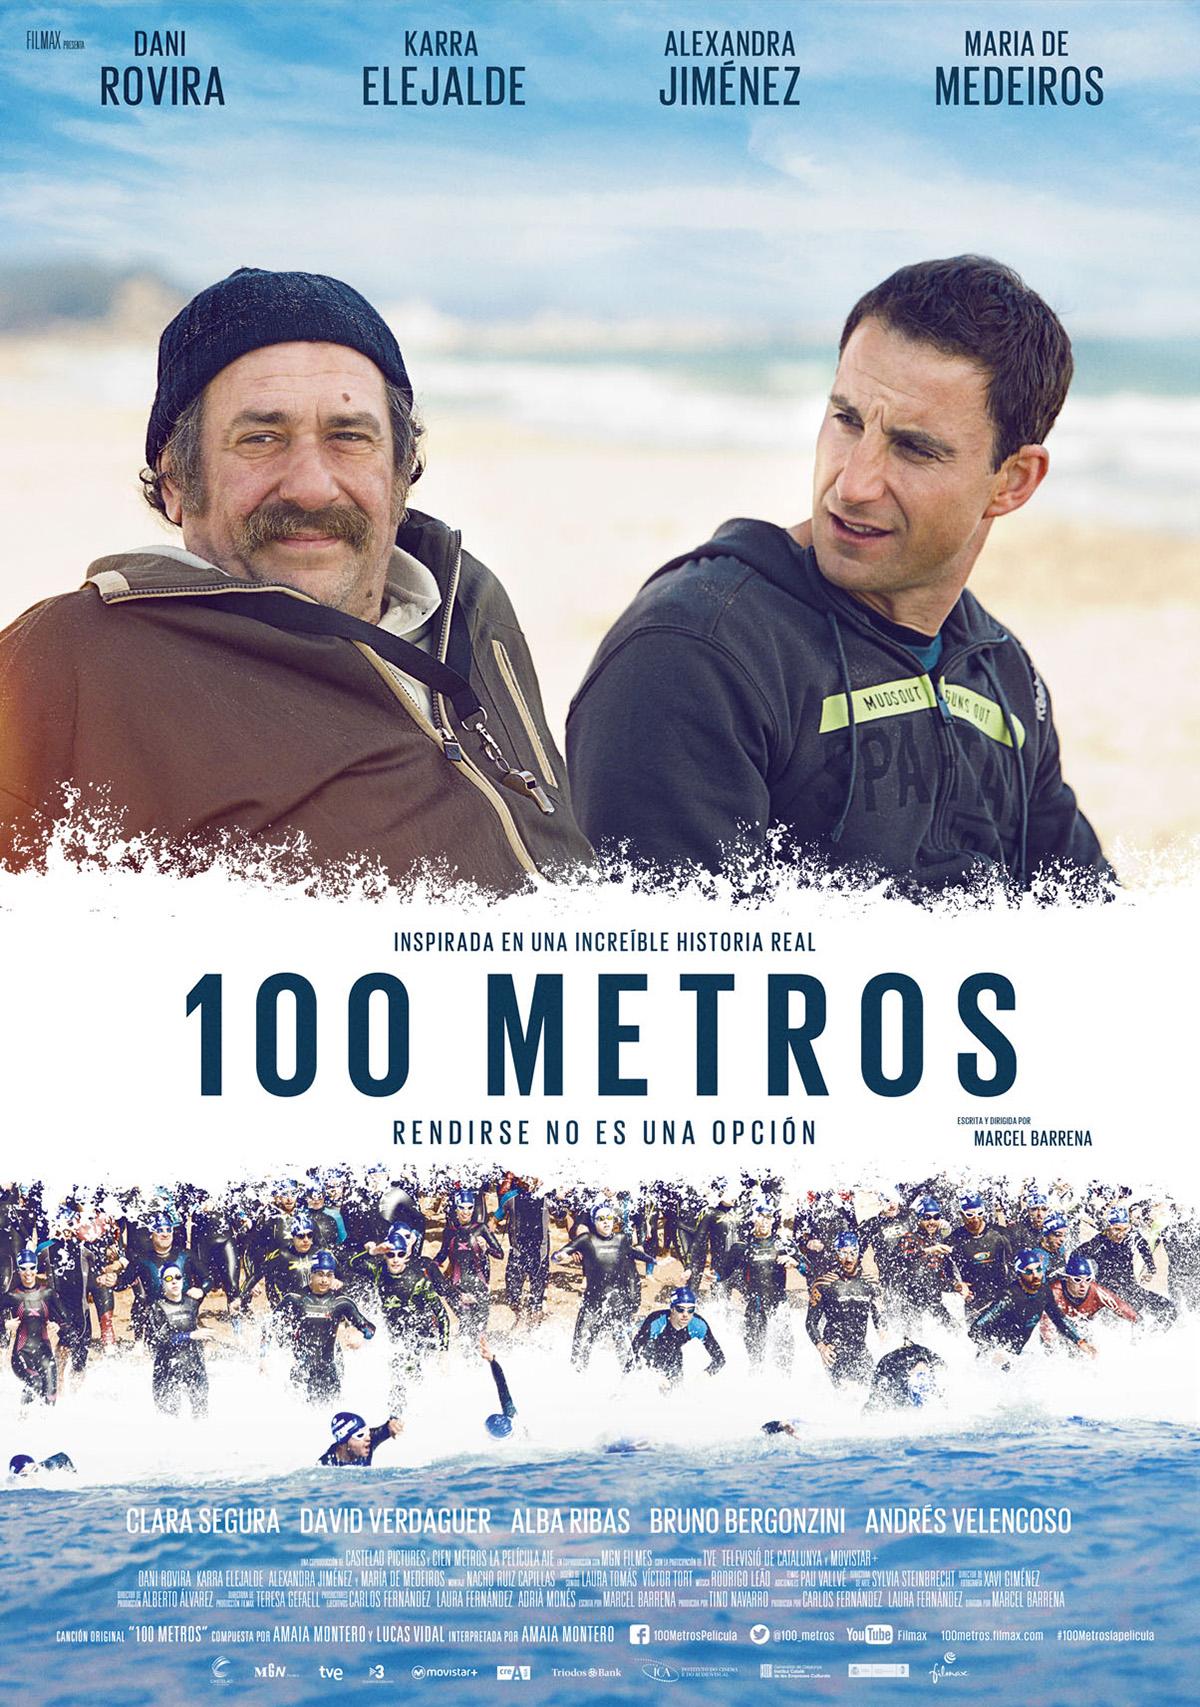 100 Metros Pelicula 2016 Sensacine Com